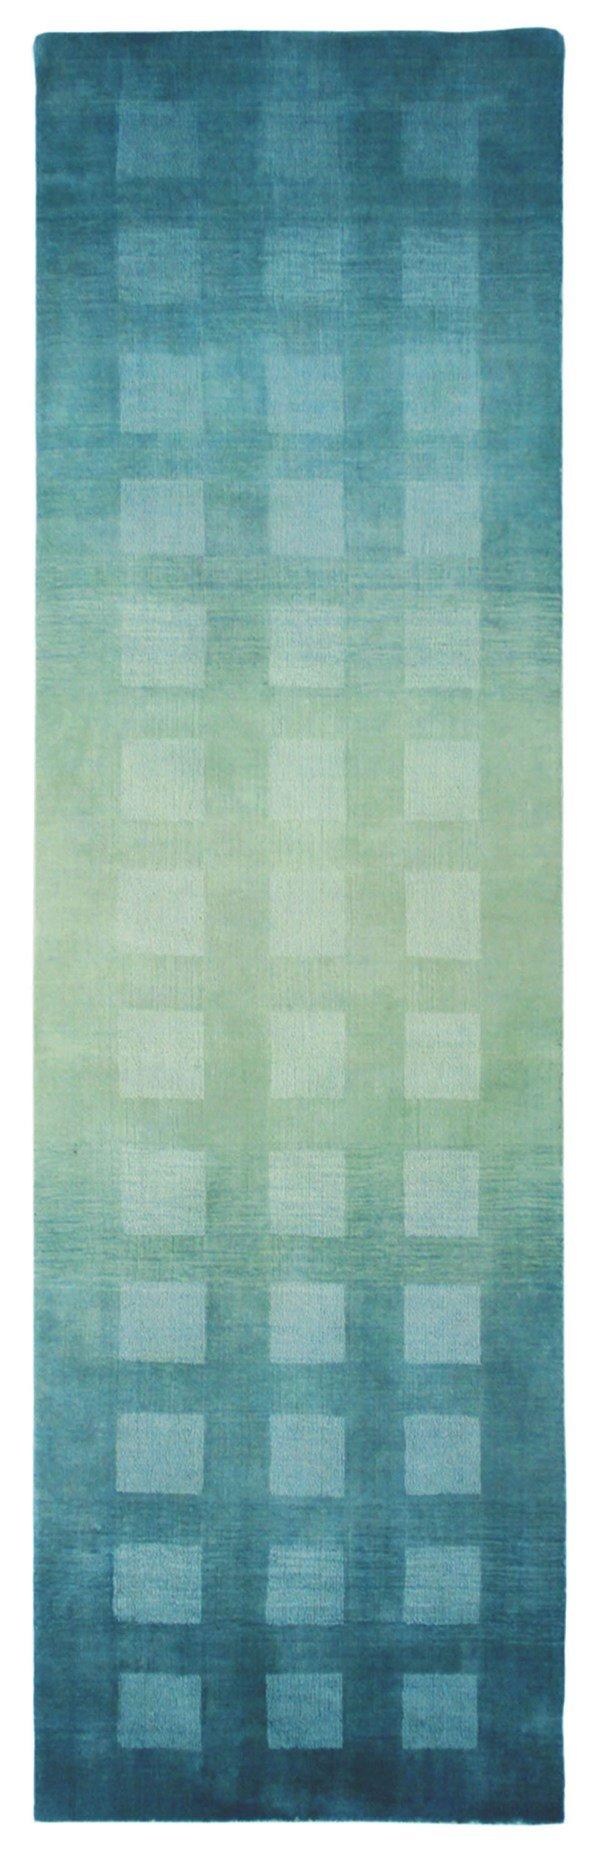 Aqua (7251-04) Contemporary / Modern Area Rug